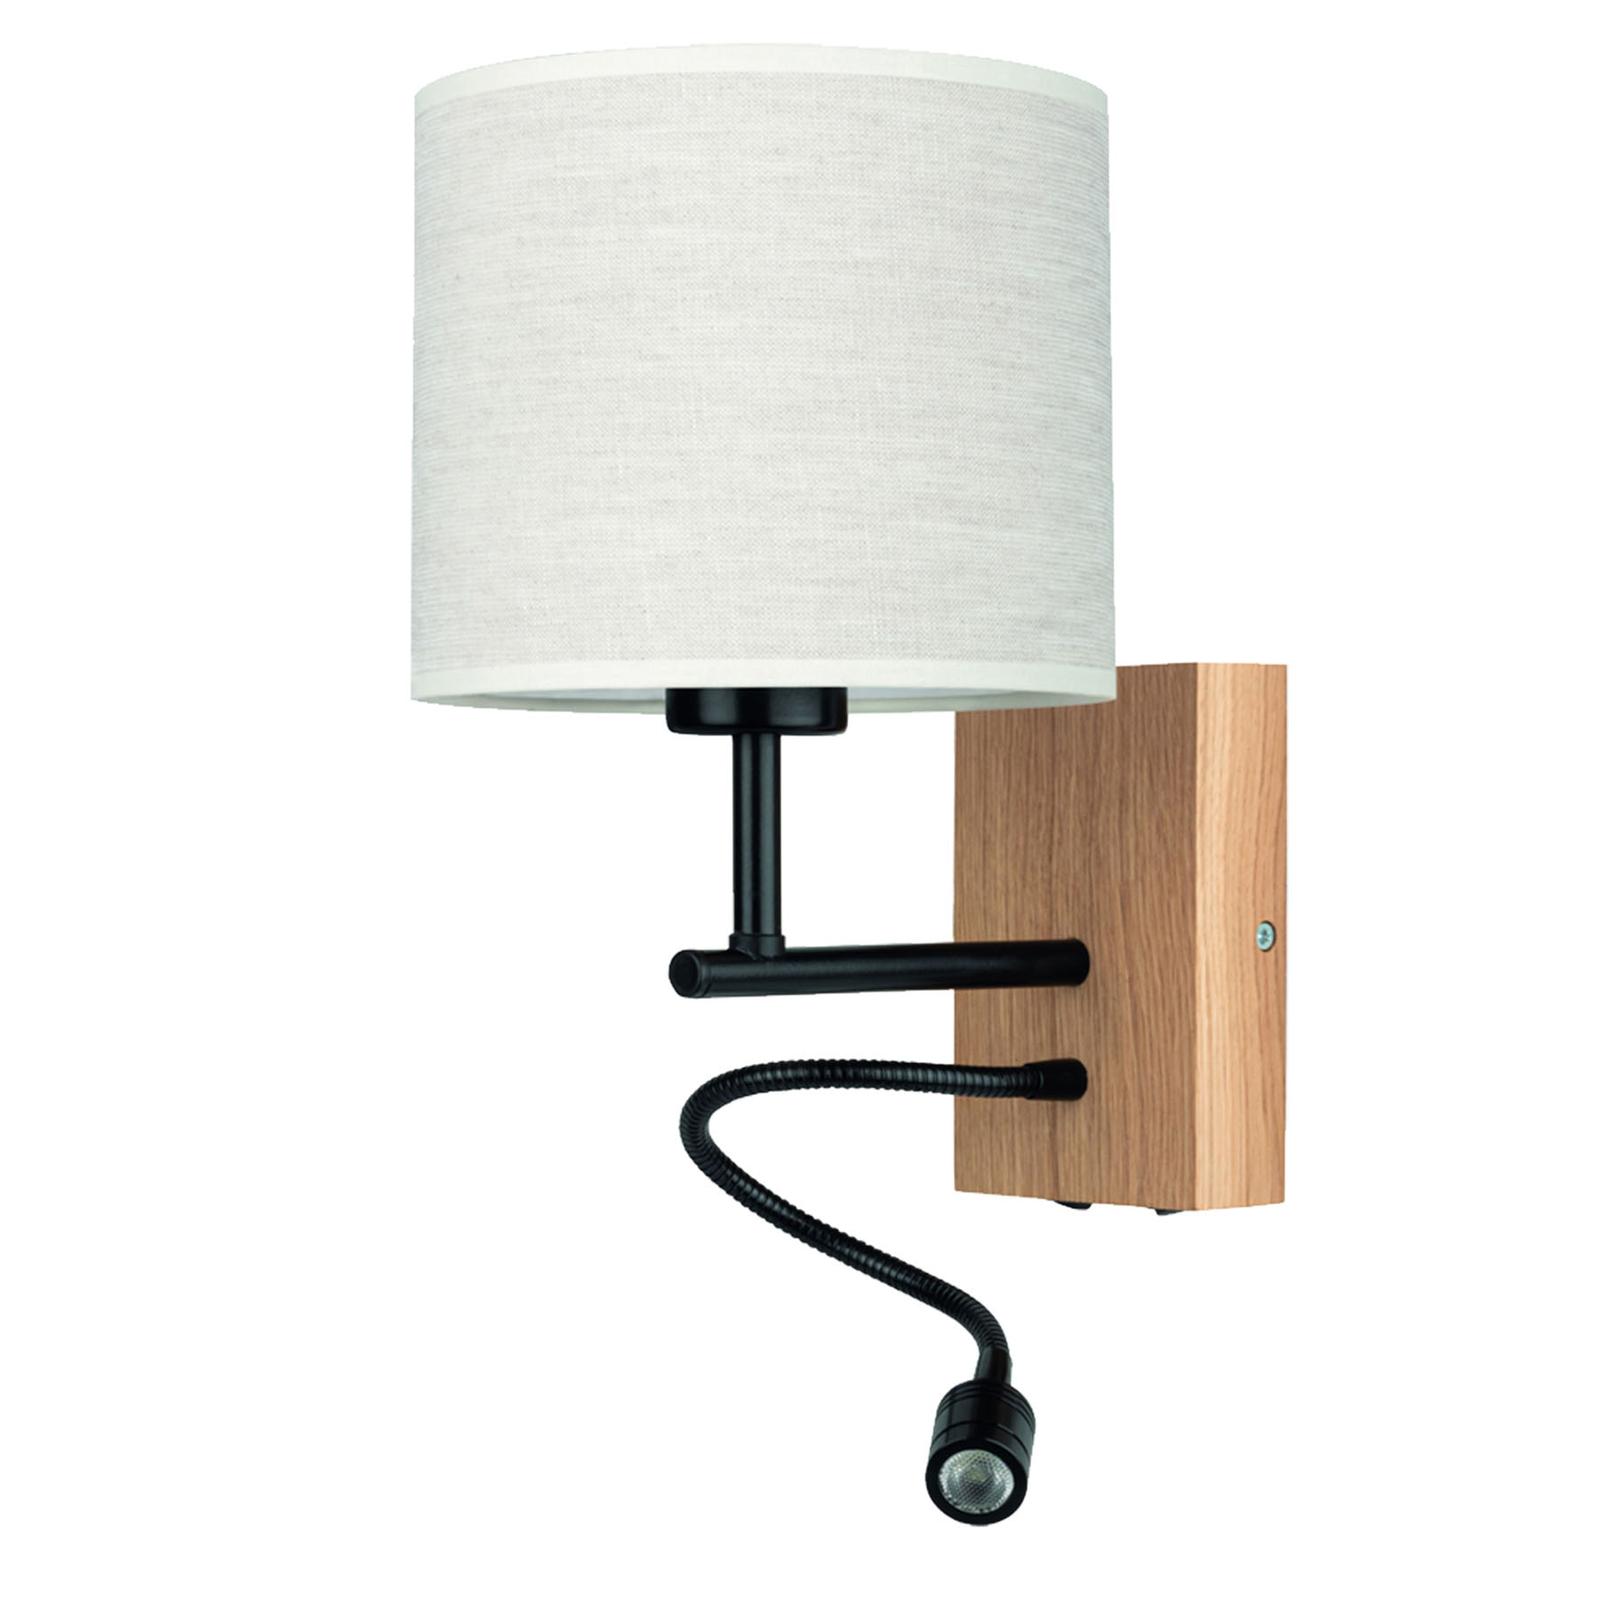 Sonny væglampe, LED-læselampe, cylinderskærm